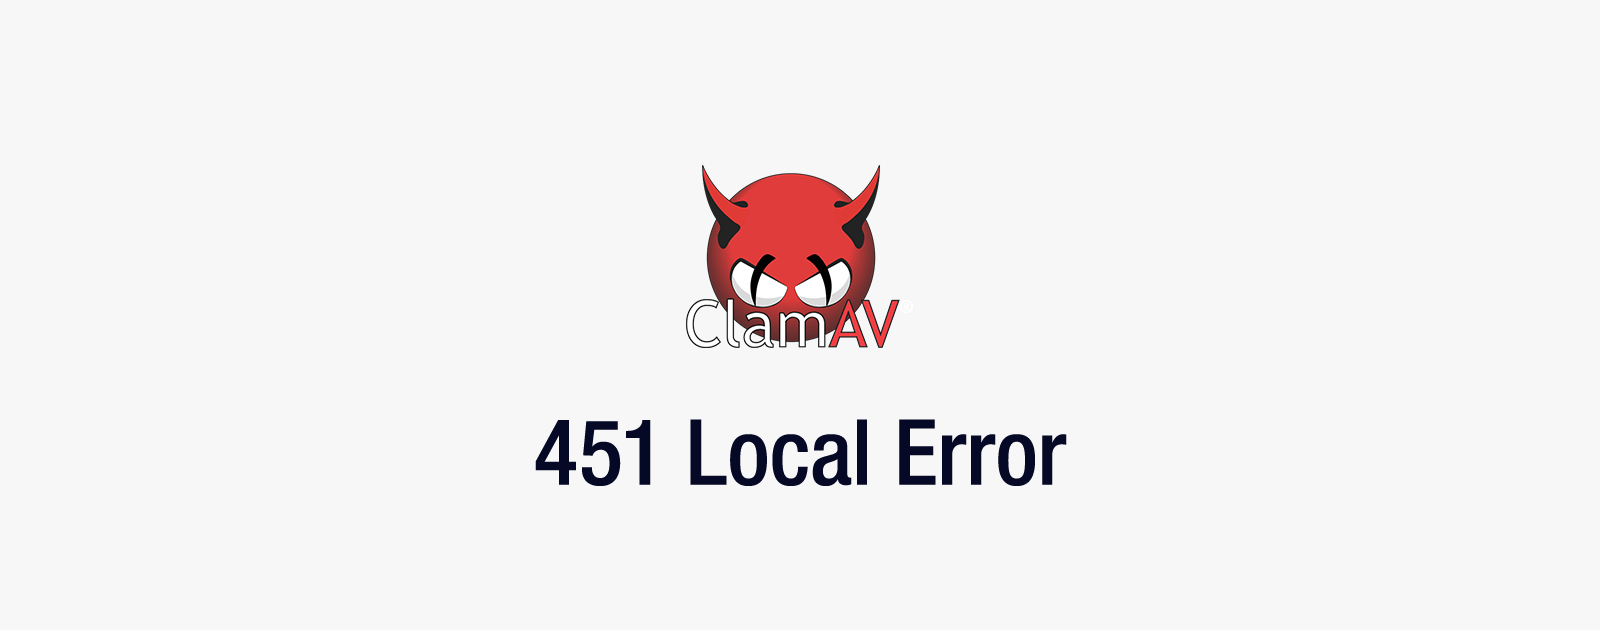 無料で使えるLinuxのアンチウイルスソフト「Clam AntiVirus」の導入と設定の解説